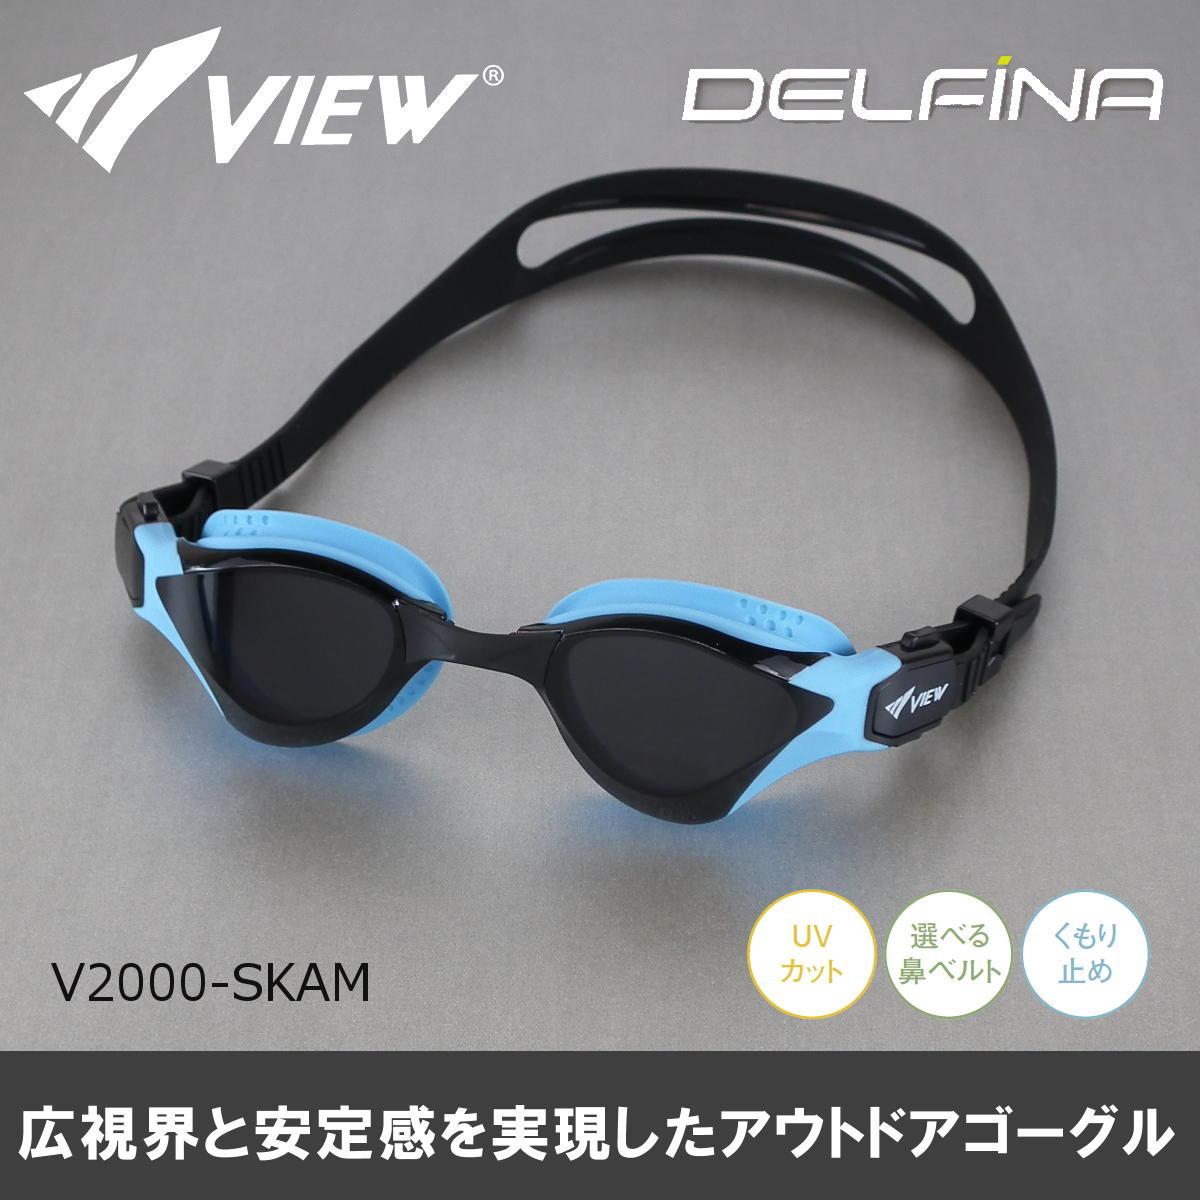 【水泳ゴーグル】【V2000-SKAM】VIEW(ビュー)クッションスイムゴーグルDELFINA(デルフィナ)【クリアタイプ】